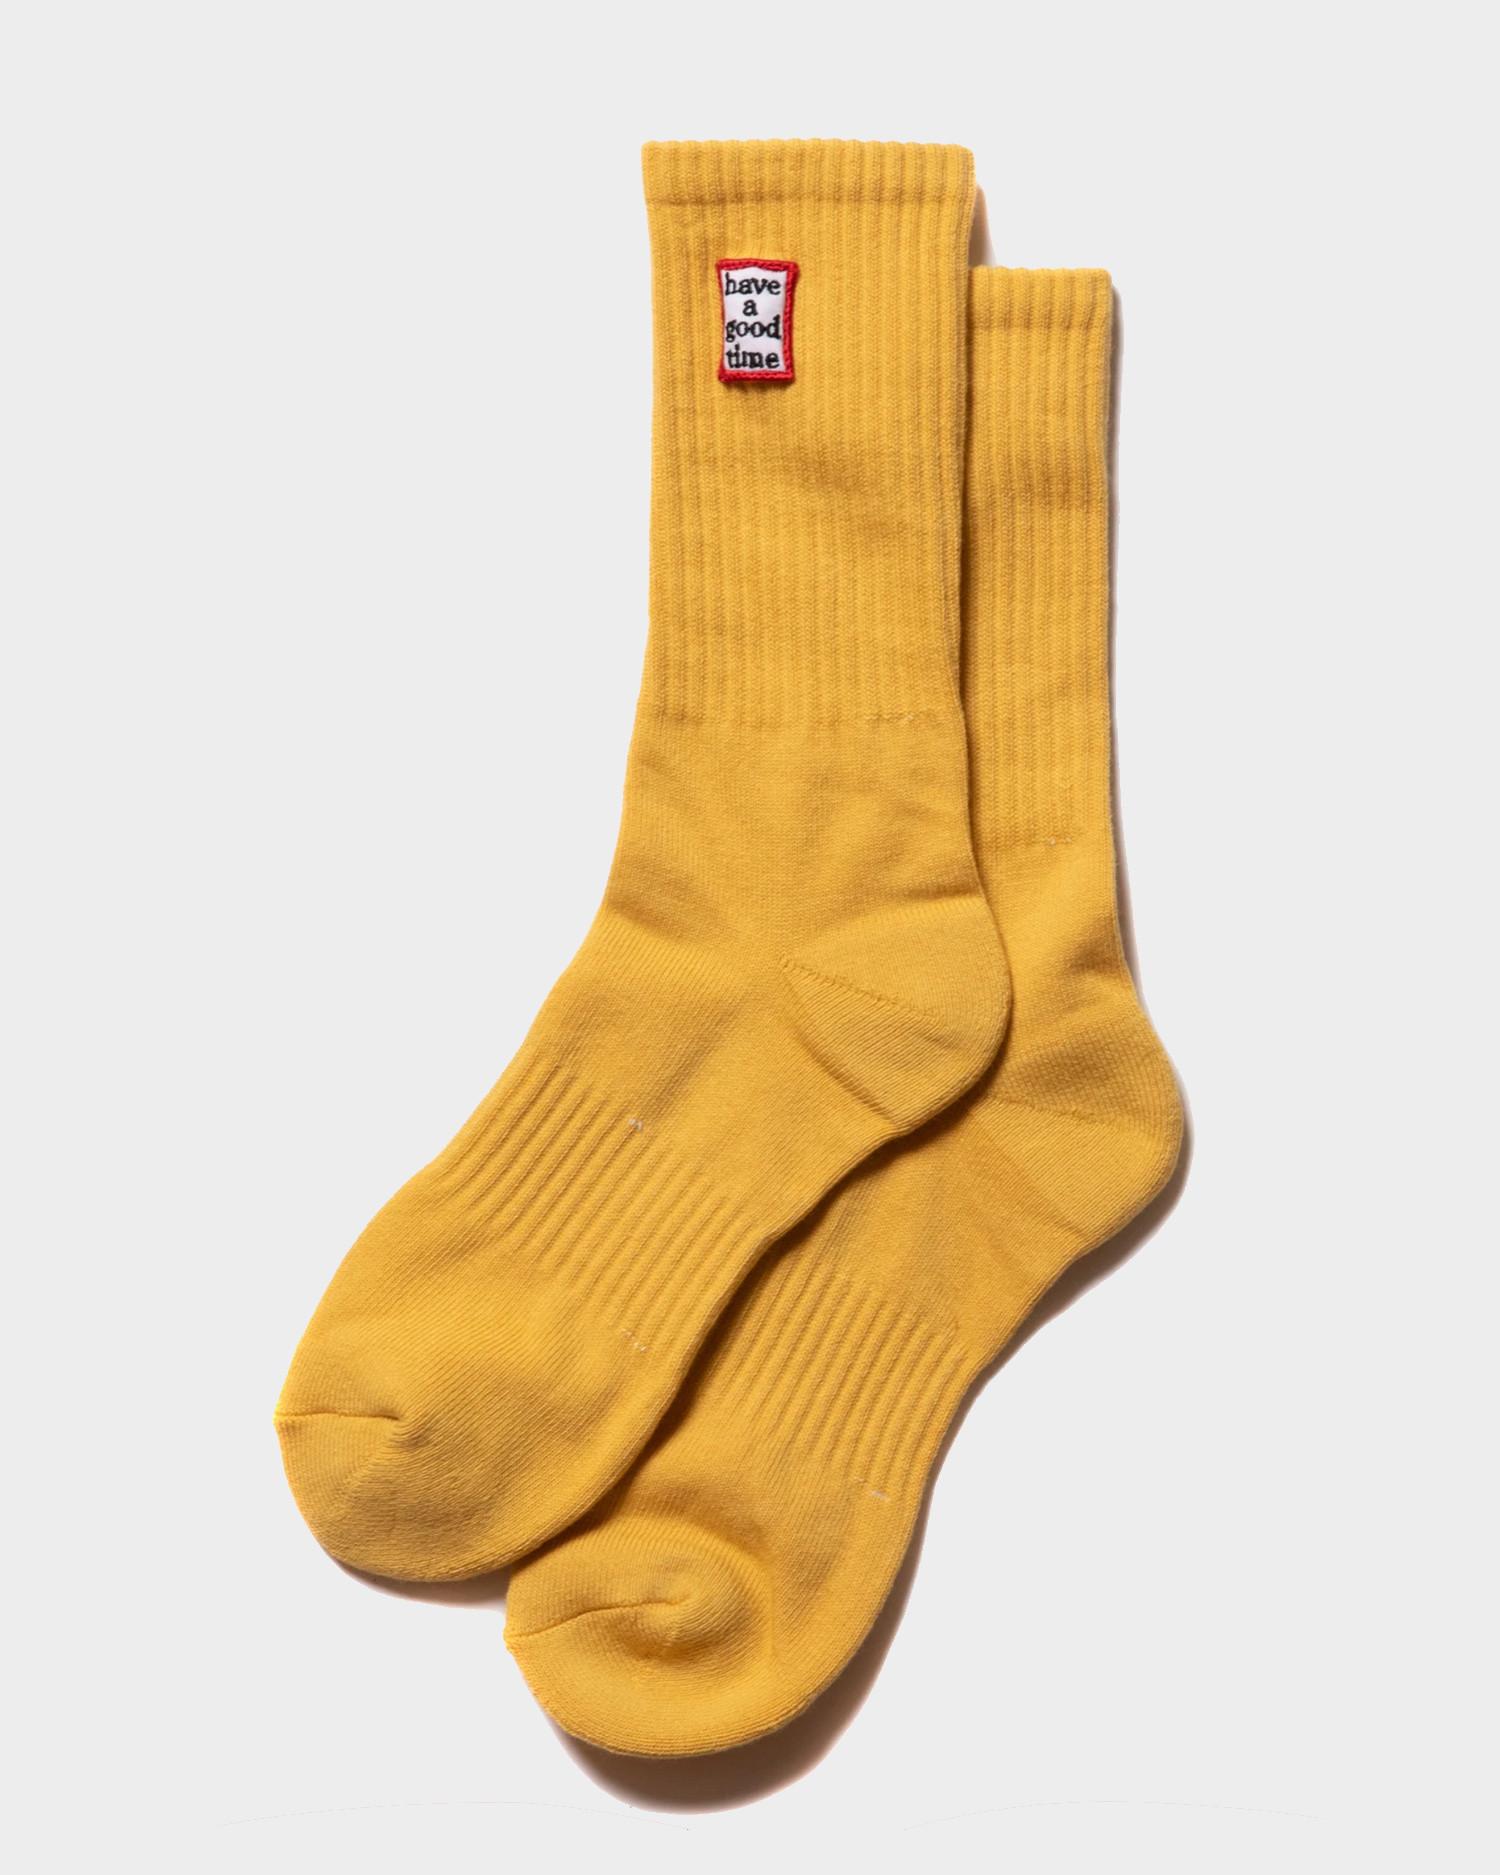 Have A Good Time Frame Socks Bikkle